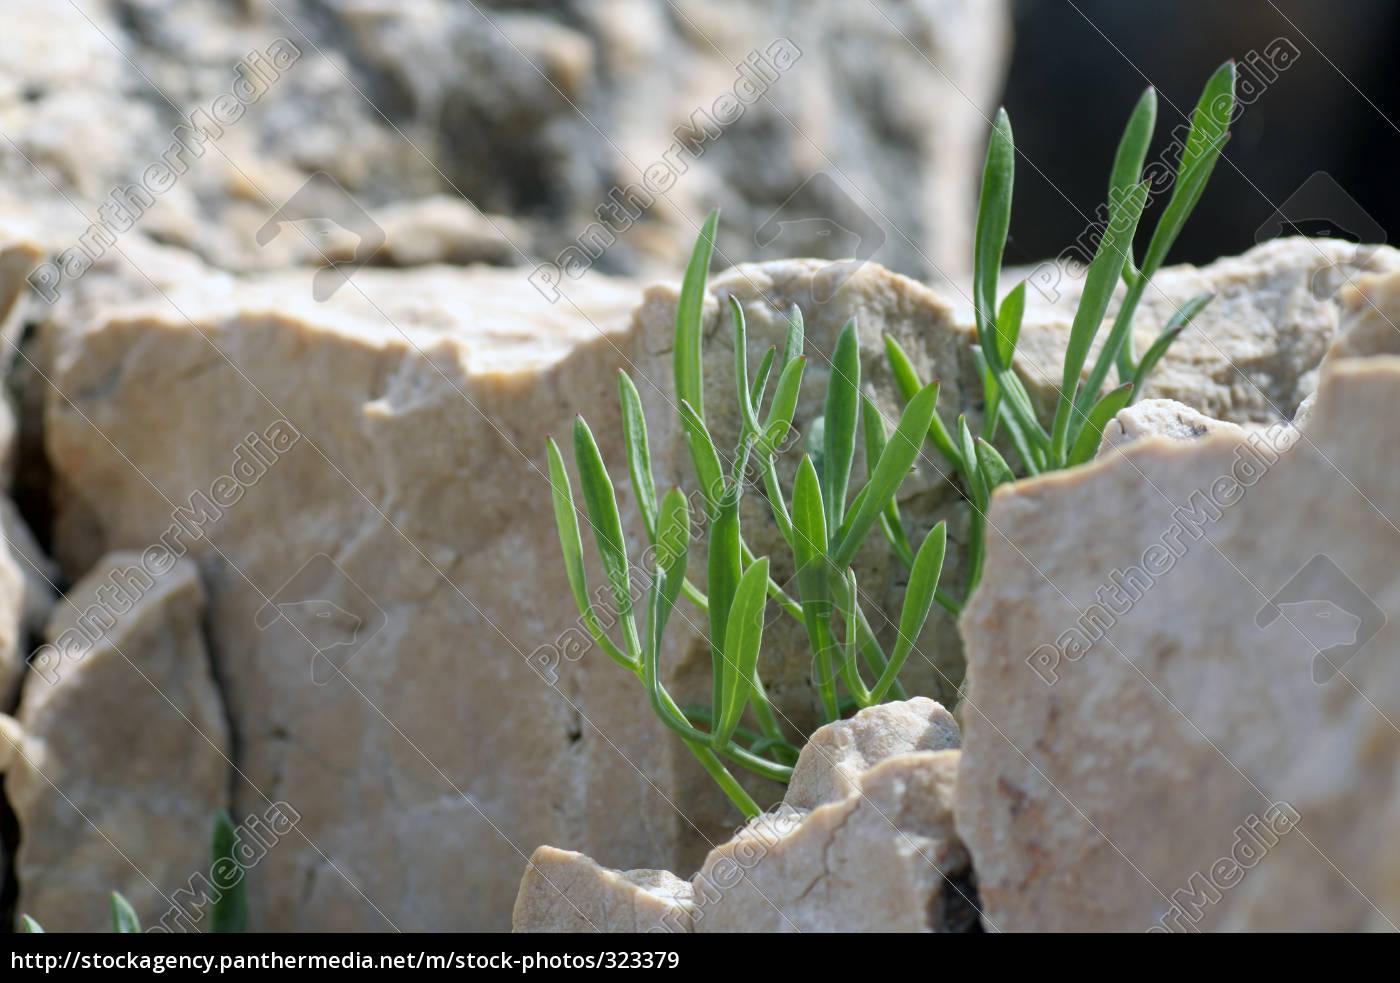 stone, plant - 323379